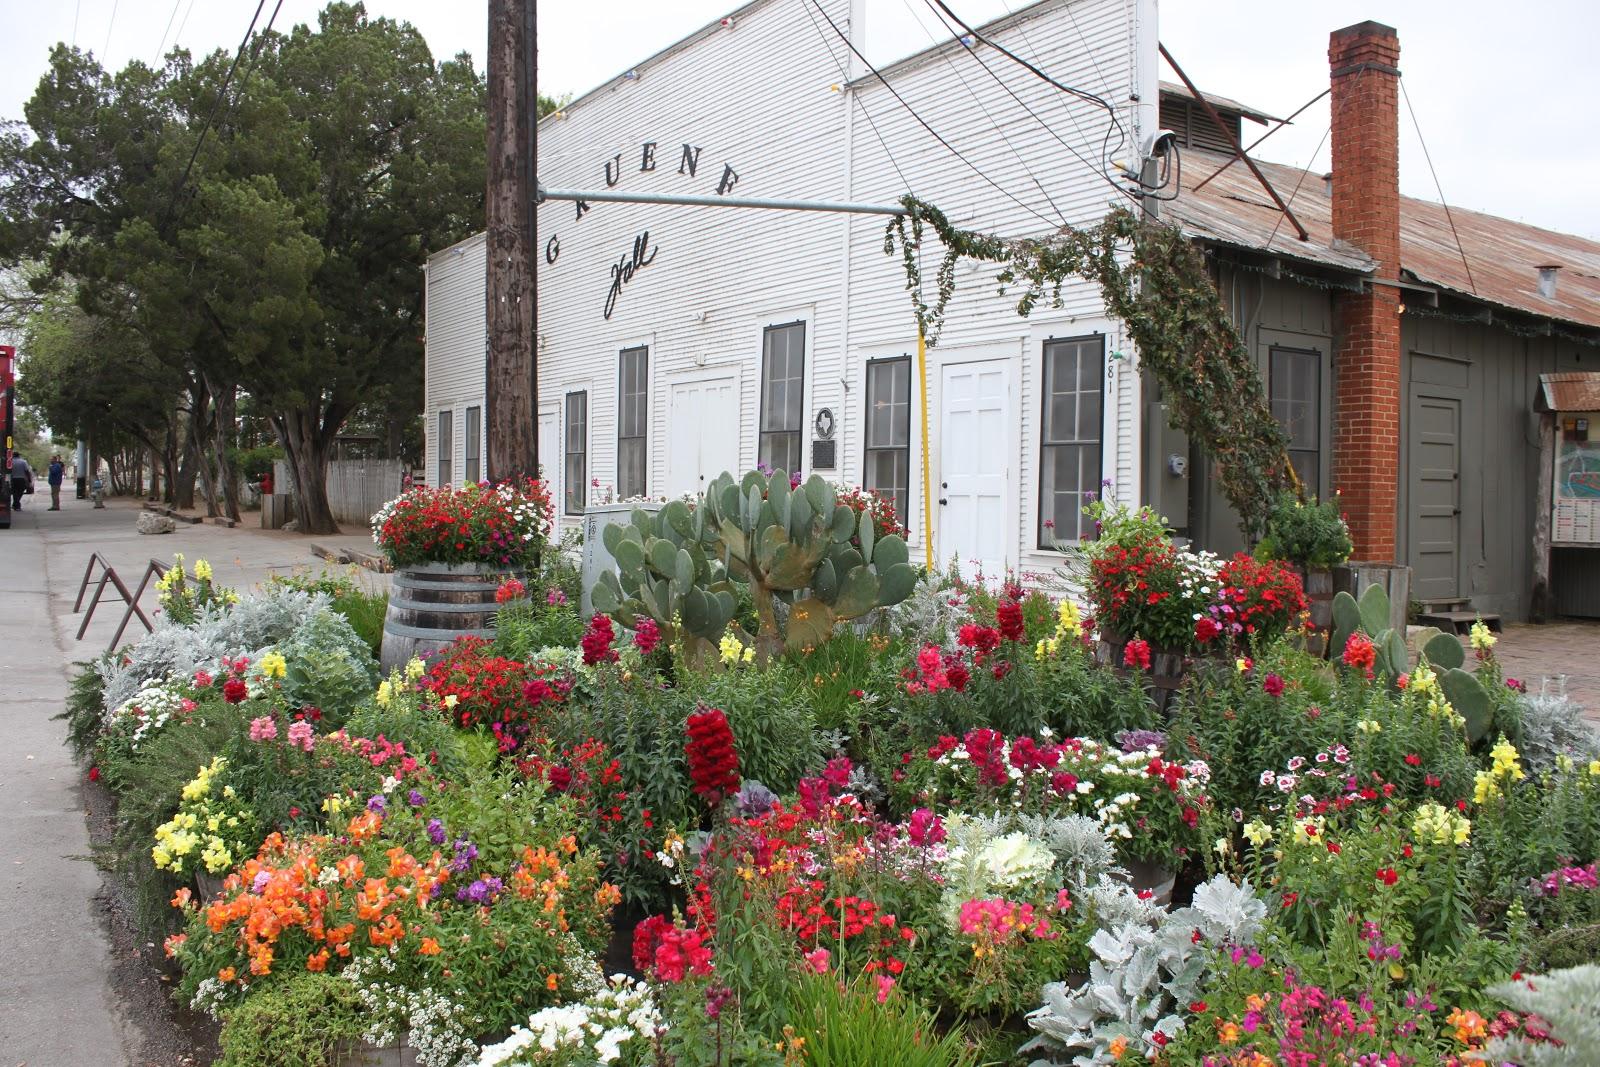 gruene historic district top 5 outdoor activities. Black Bedroom Furniture Sets. Home Design Ideas